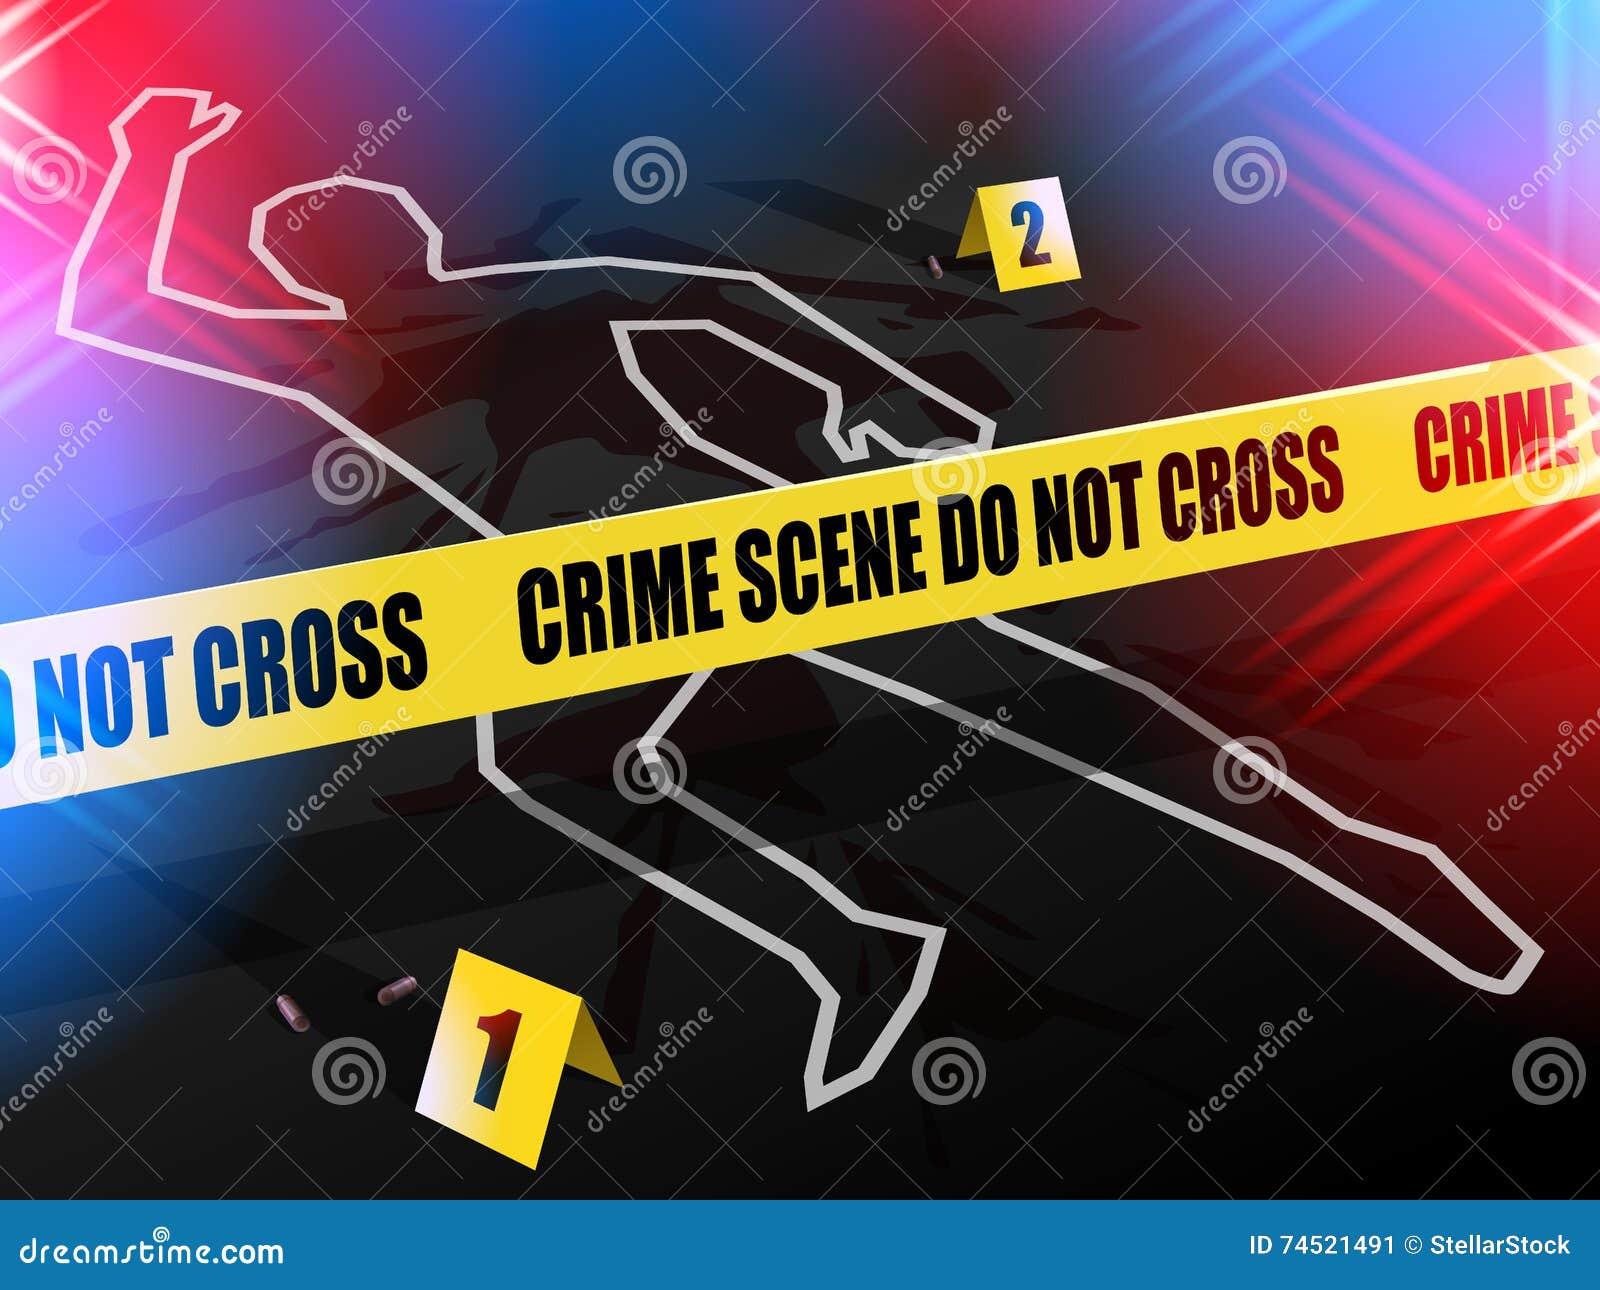 犯罪现场-不要横渡,与持枪暴力受害者白垩概述